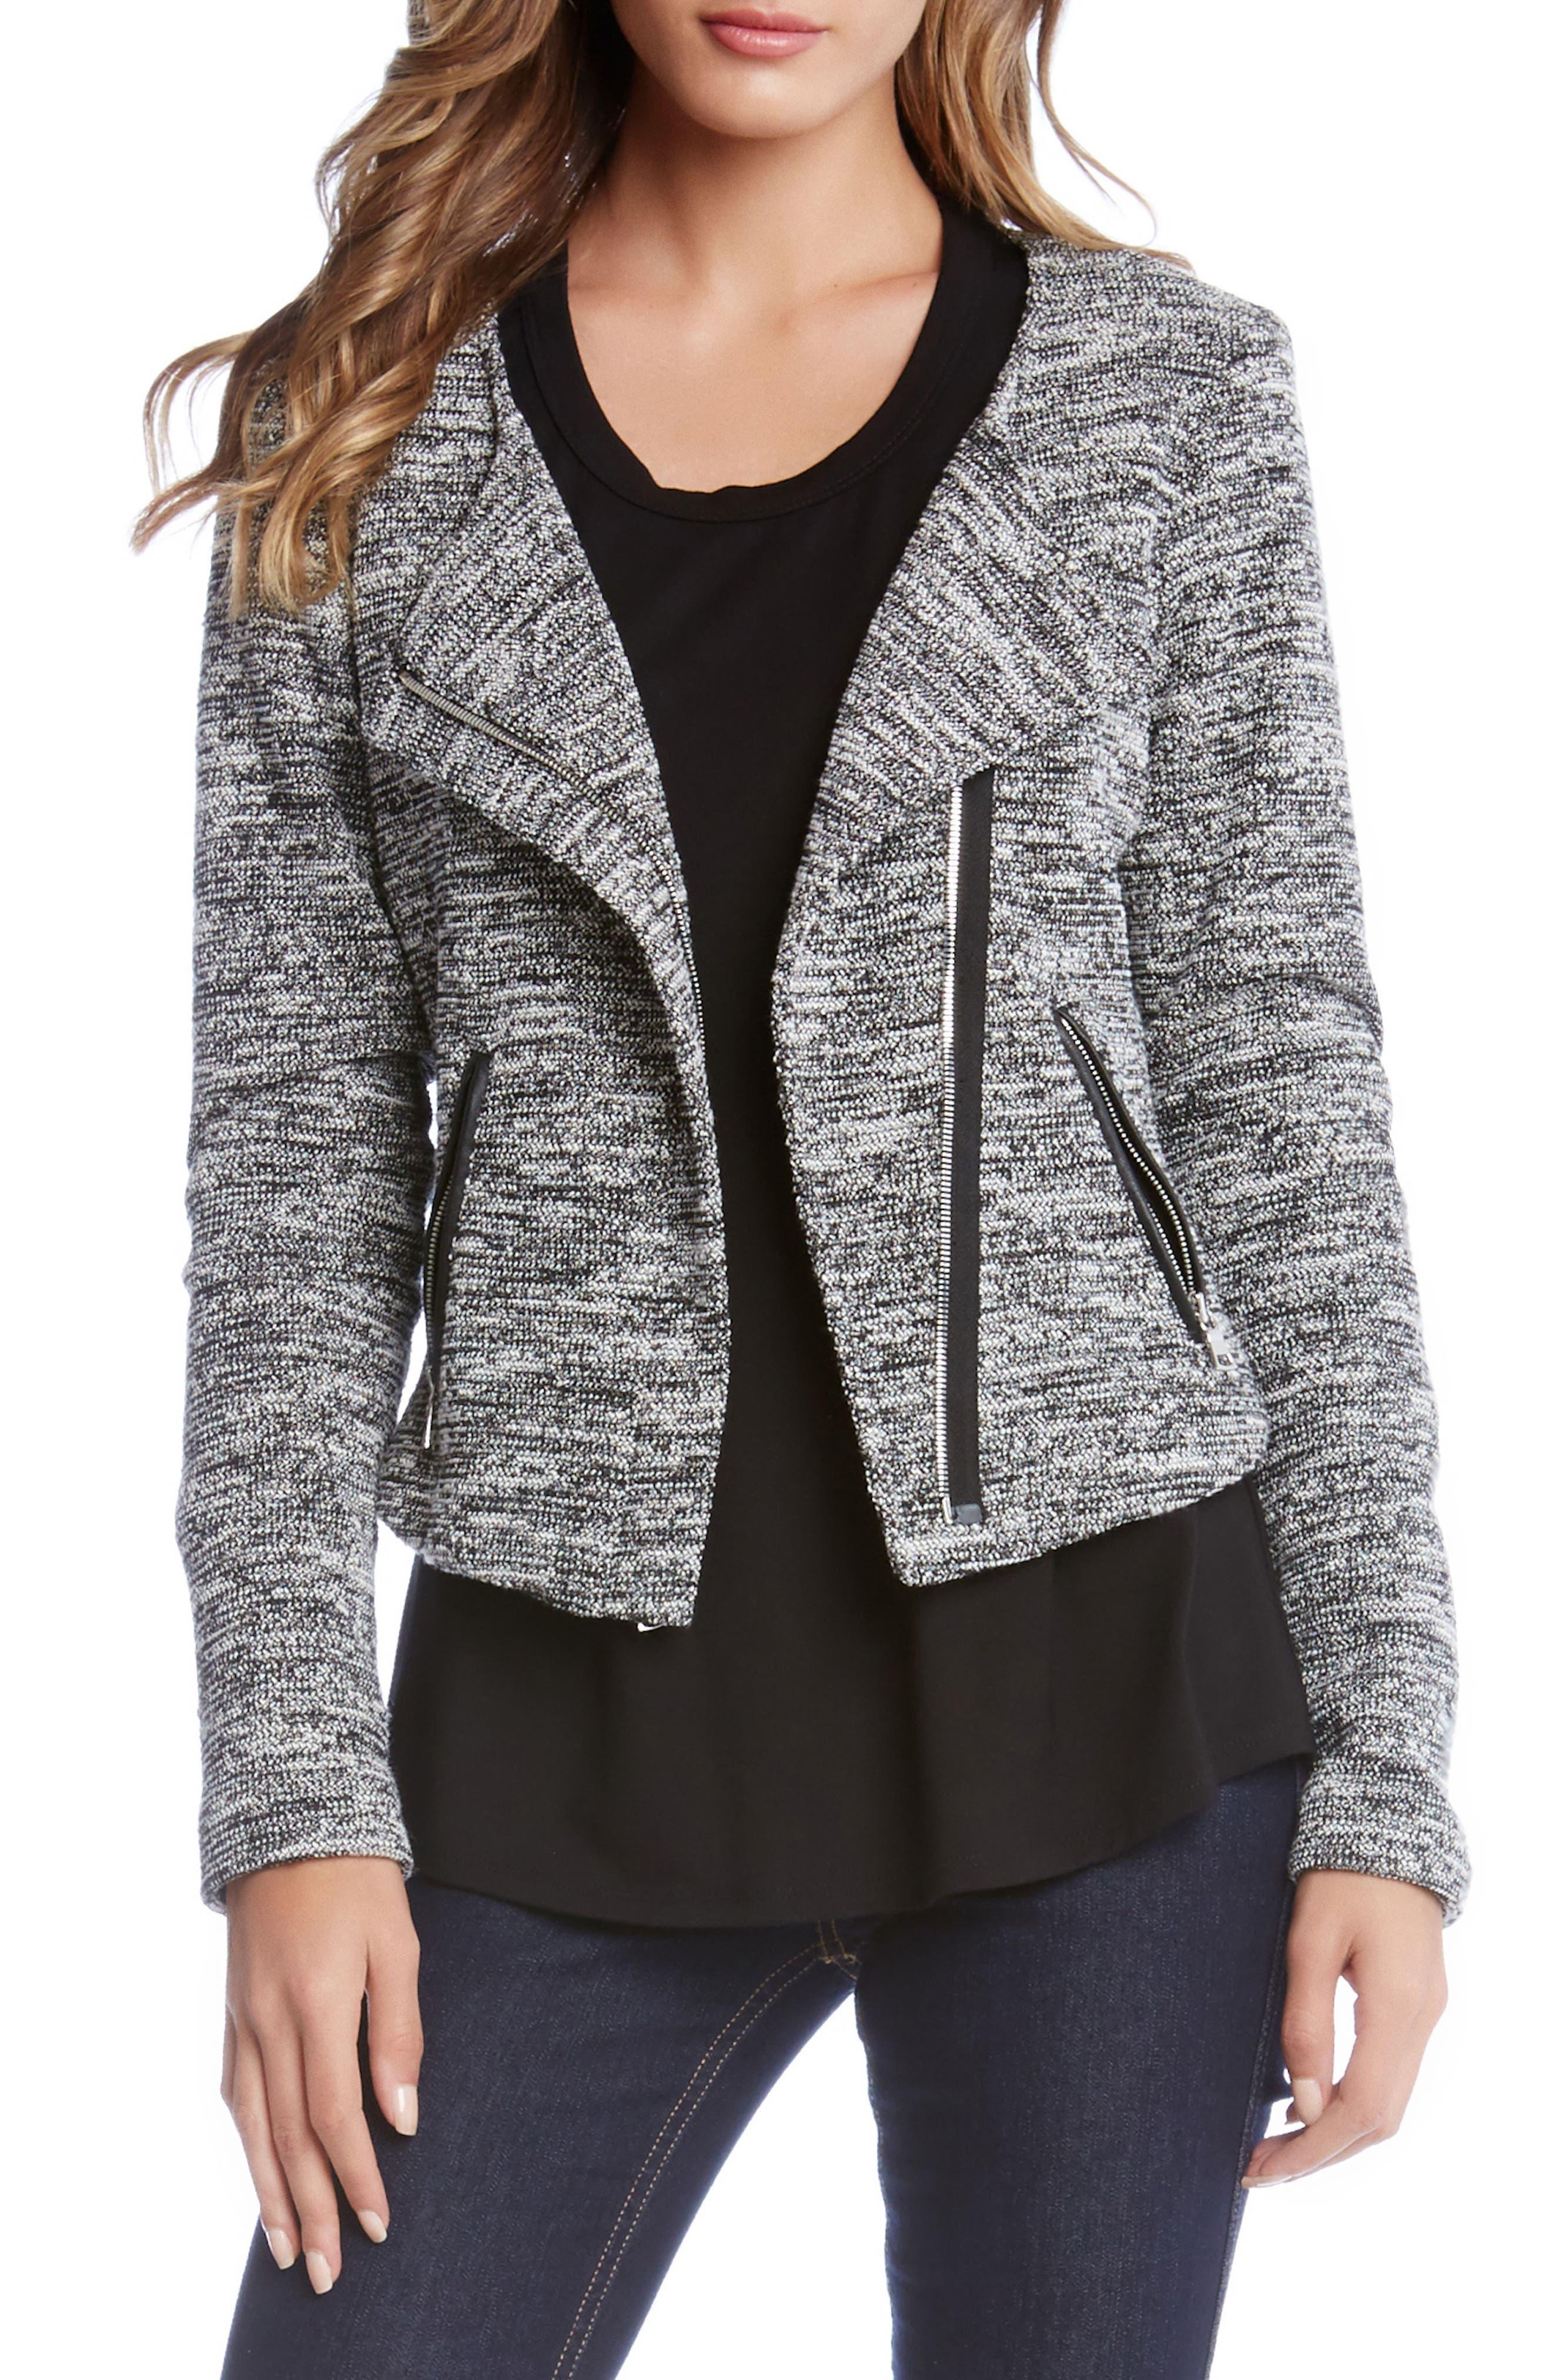 Alternate Image 1 Selected - Karen Kane Knit Moto Jacket